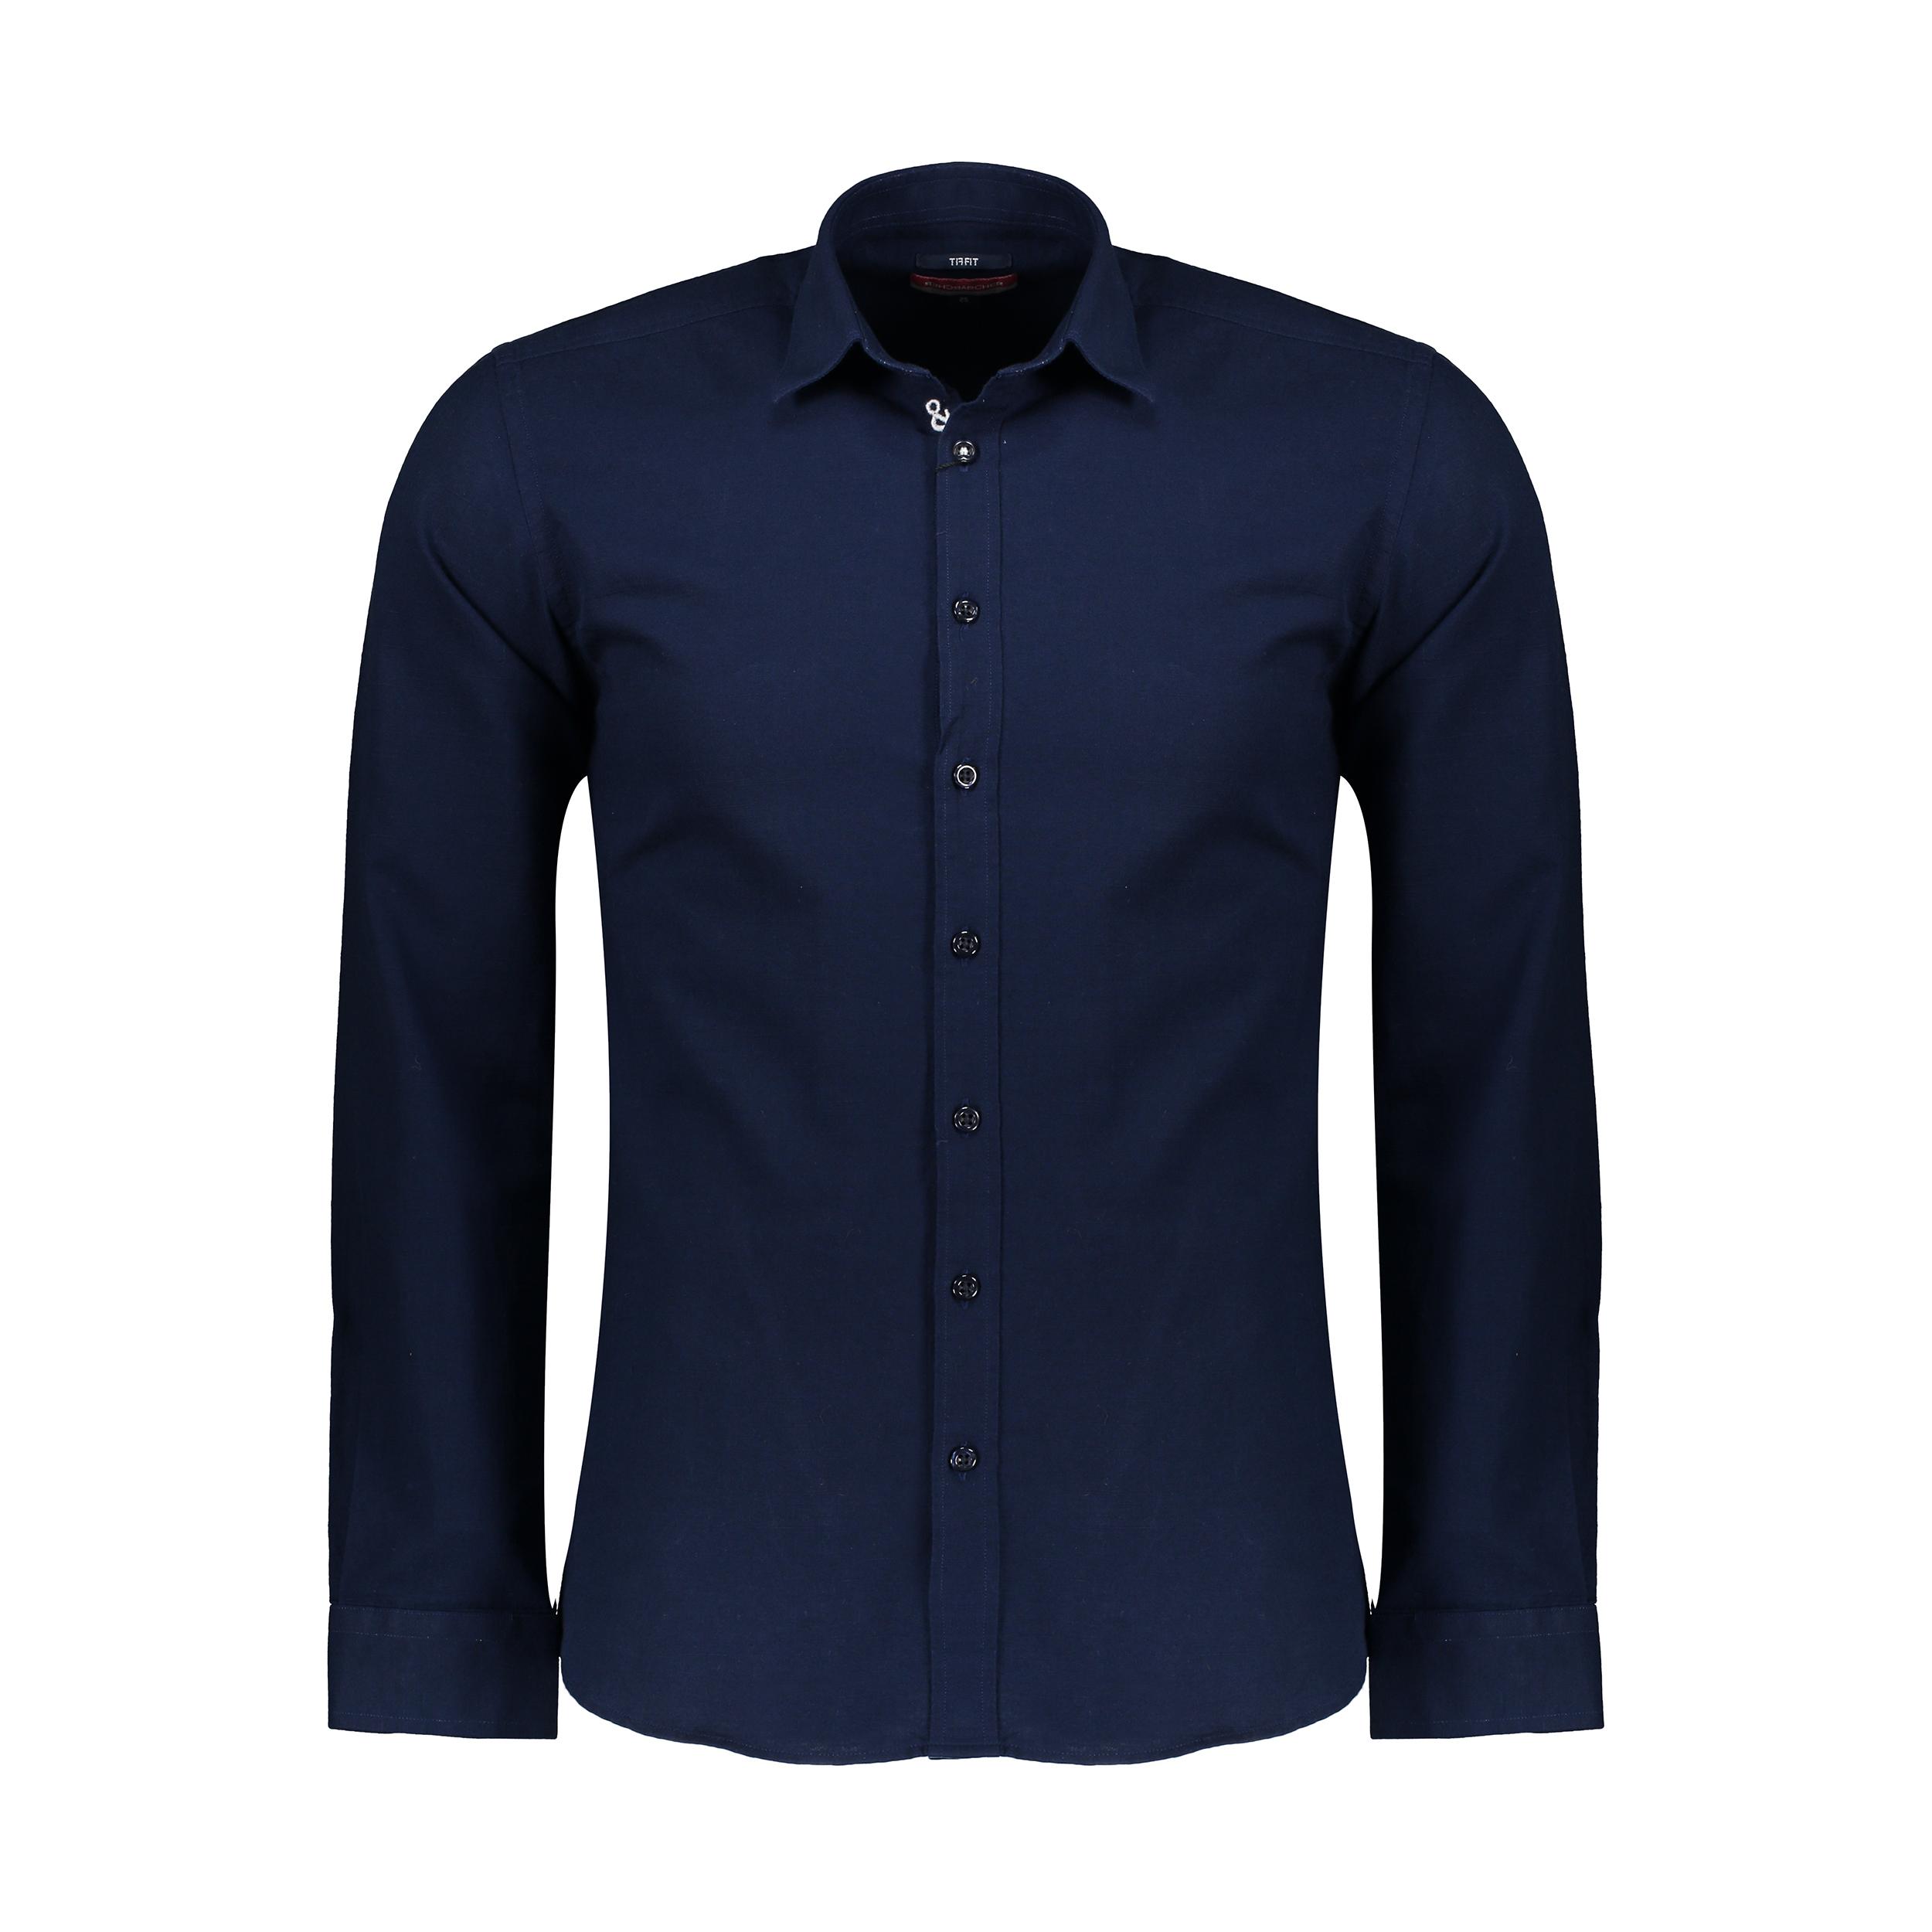 پیراهن مردانه لرد آرچر مدل 200114759